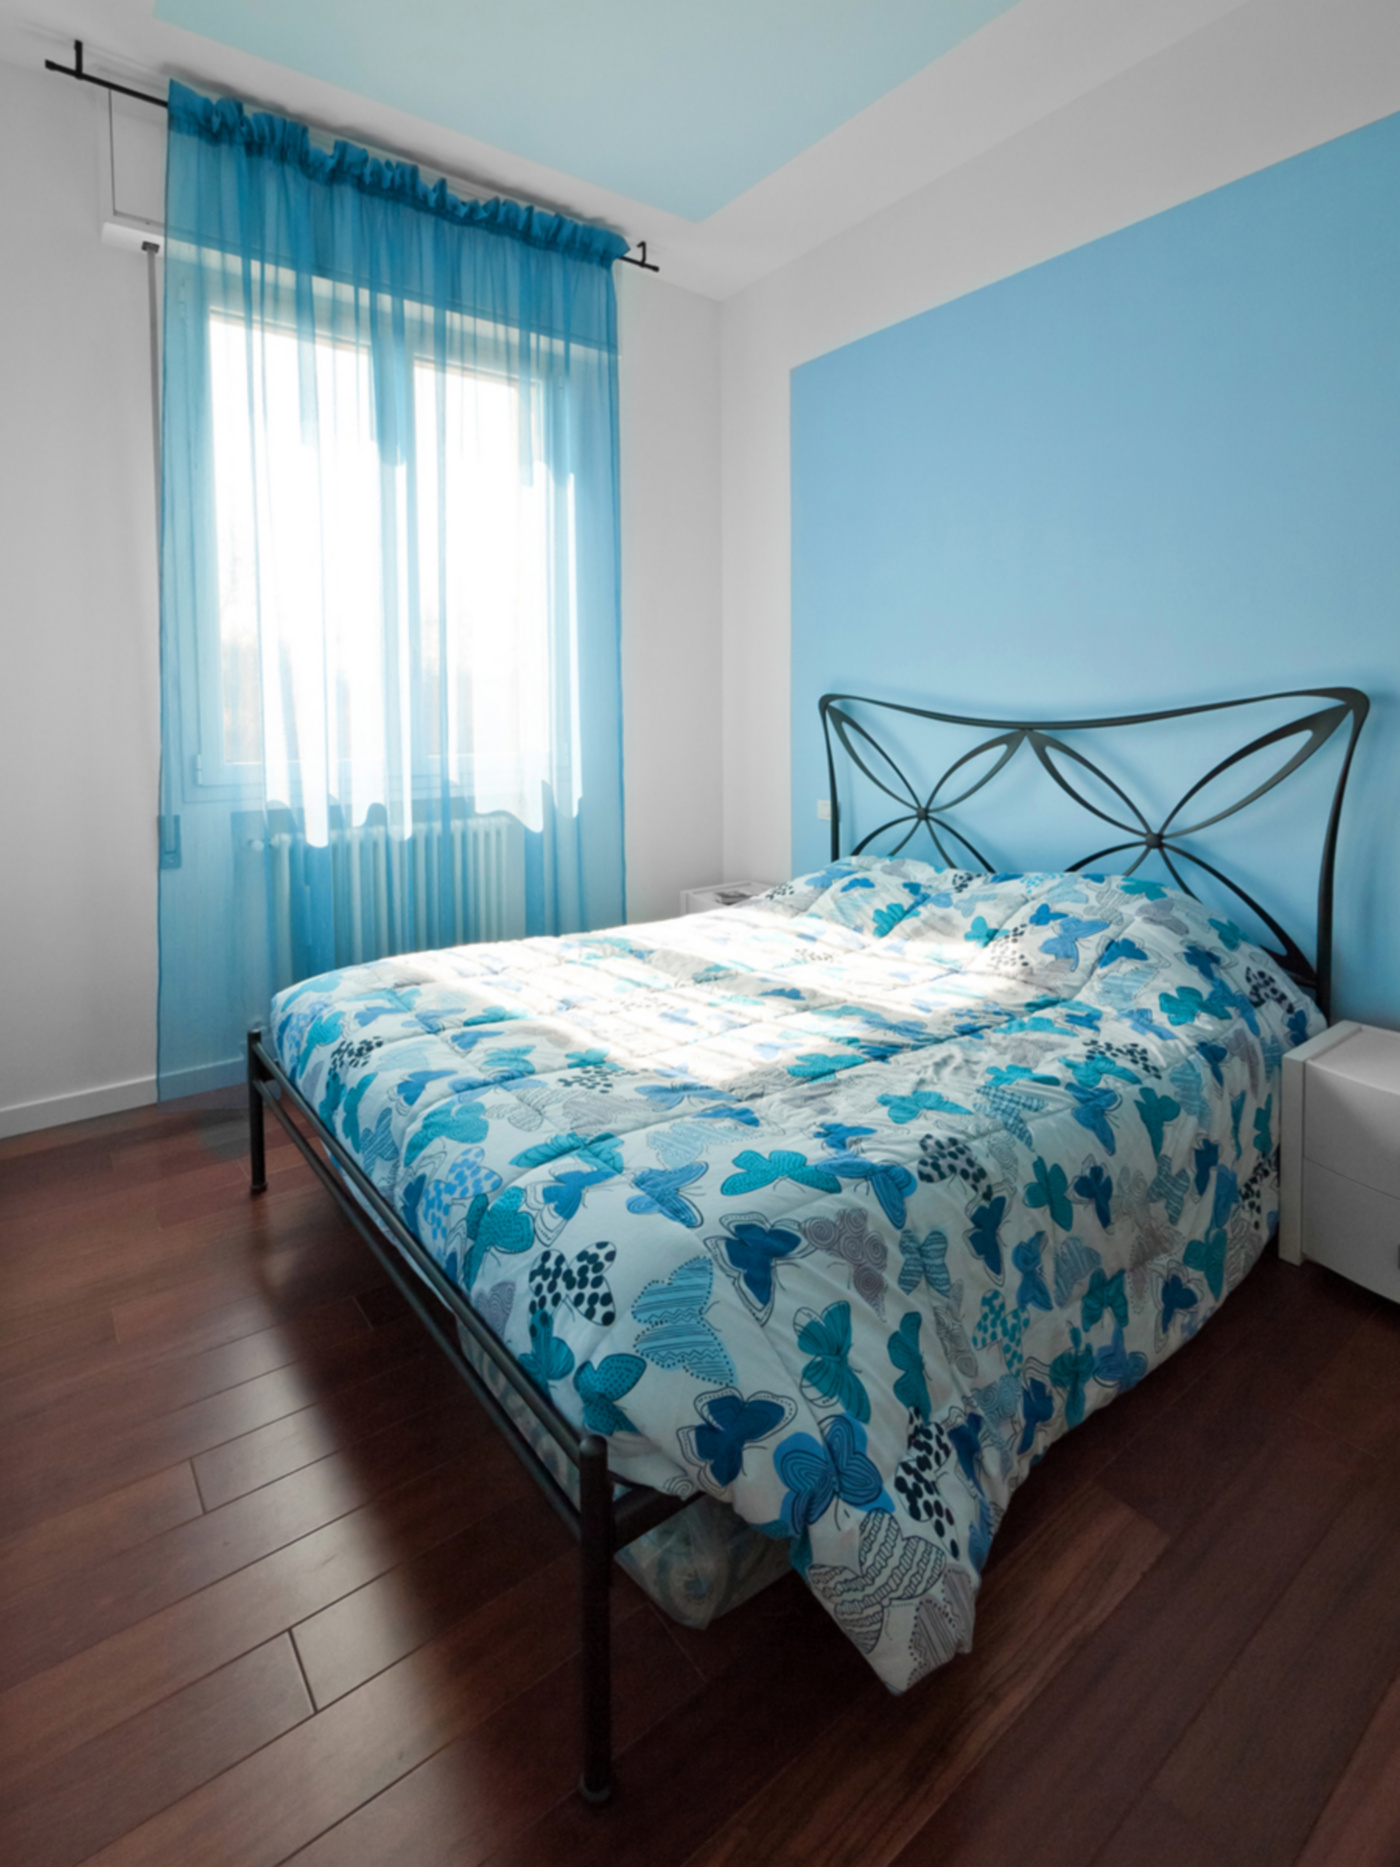 Una ristrutturazione che trasforma il colore in spazio. La camera da letto porta il cielo in una stanza | Bottega di Architettura